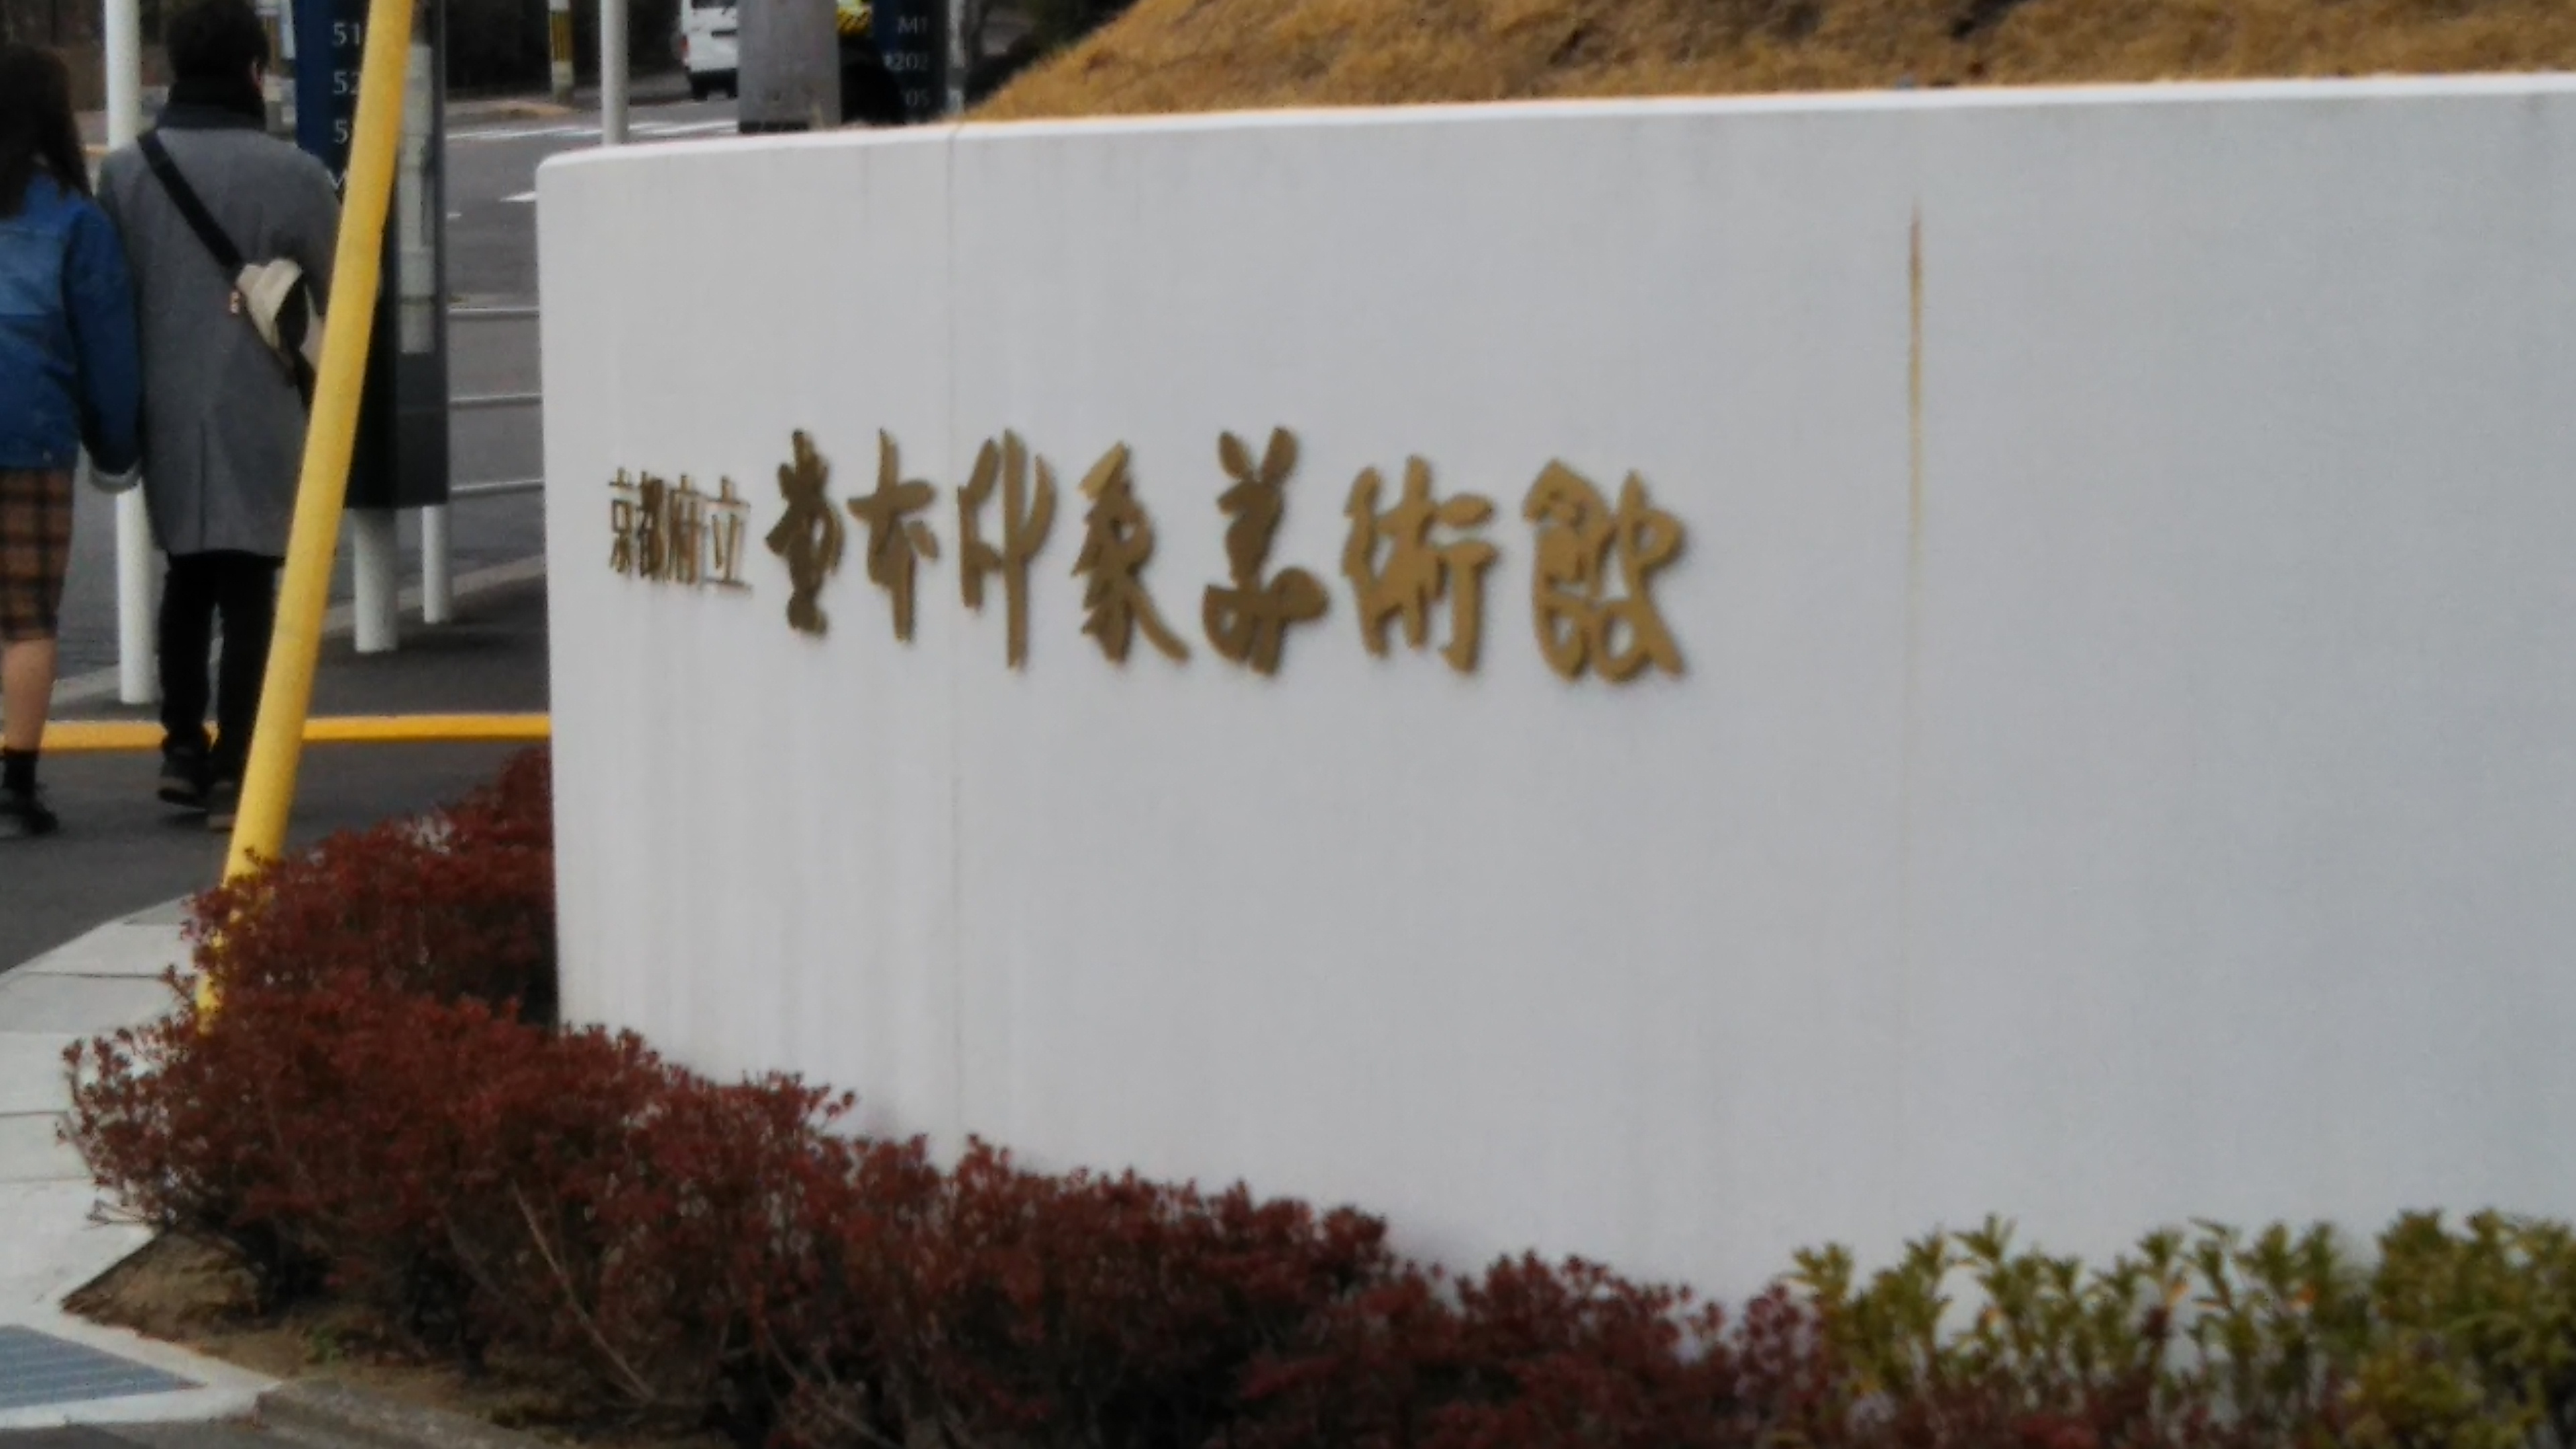 堂本印象美術館(京都市北区)